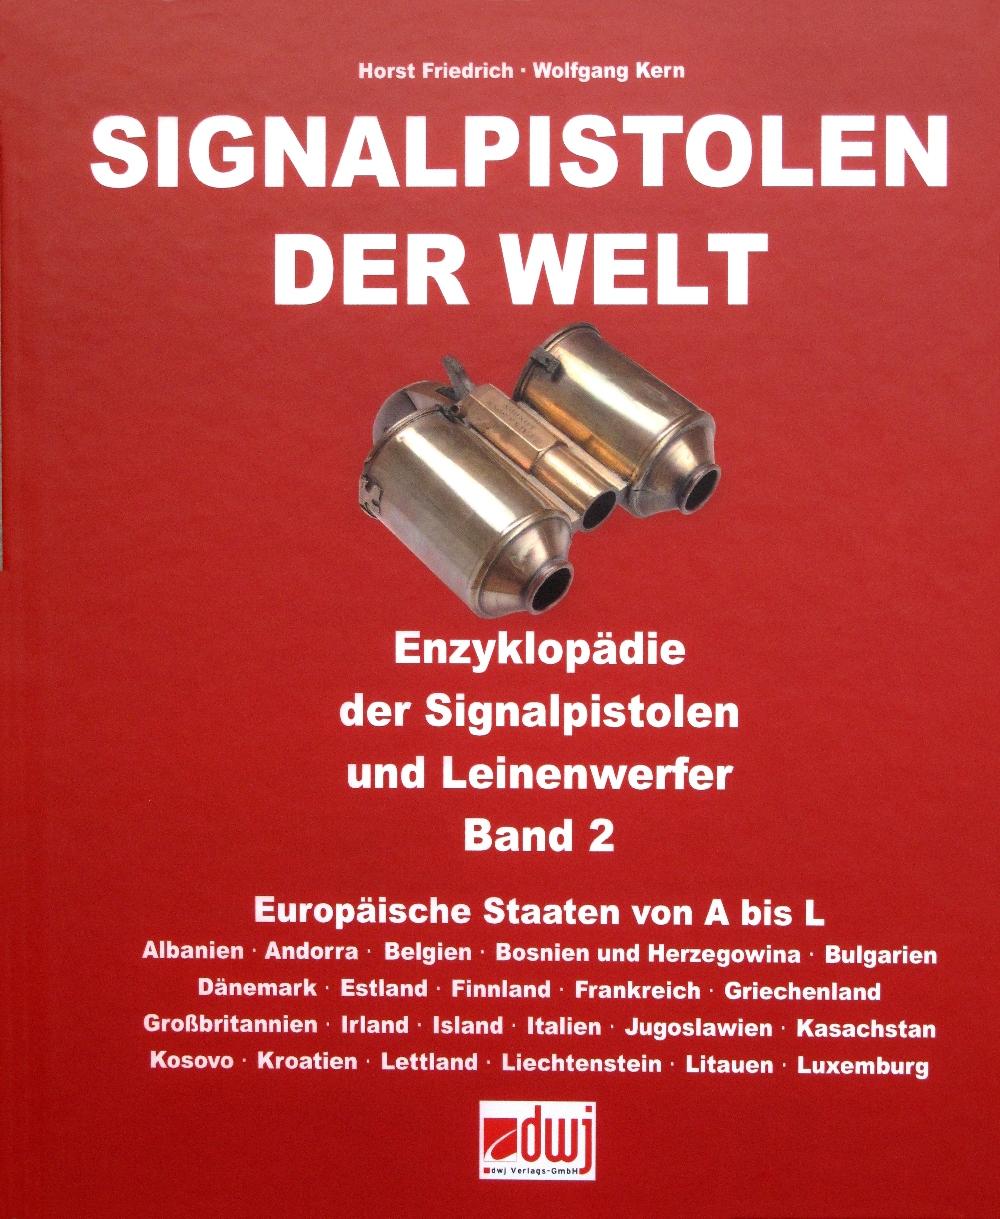 Signalpistolen der Welt – Enzyklopädie der Signalpistolen und Lienenwerfer – Band 2 – Europäische Staaten von A bis L